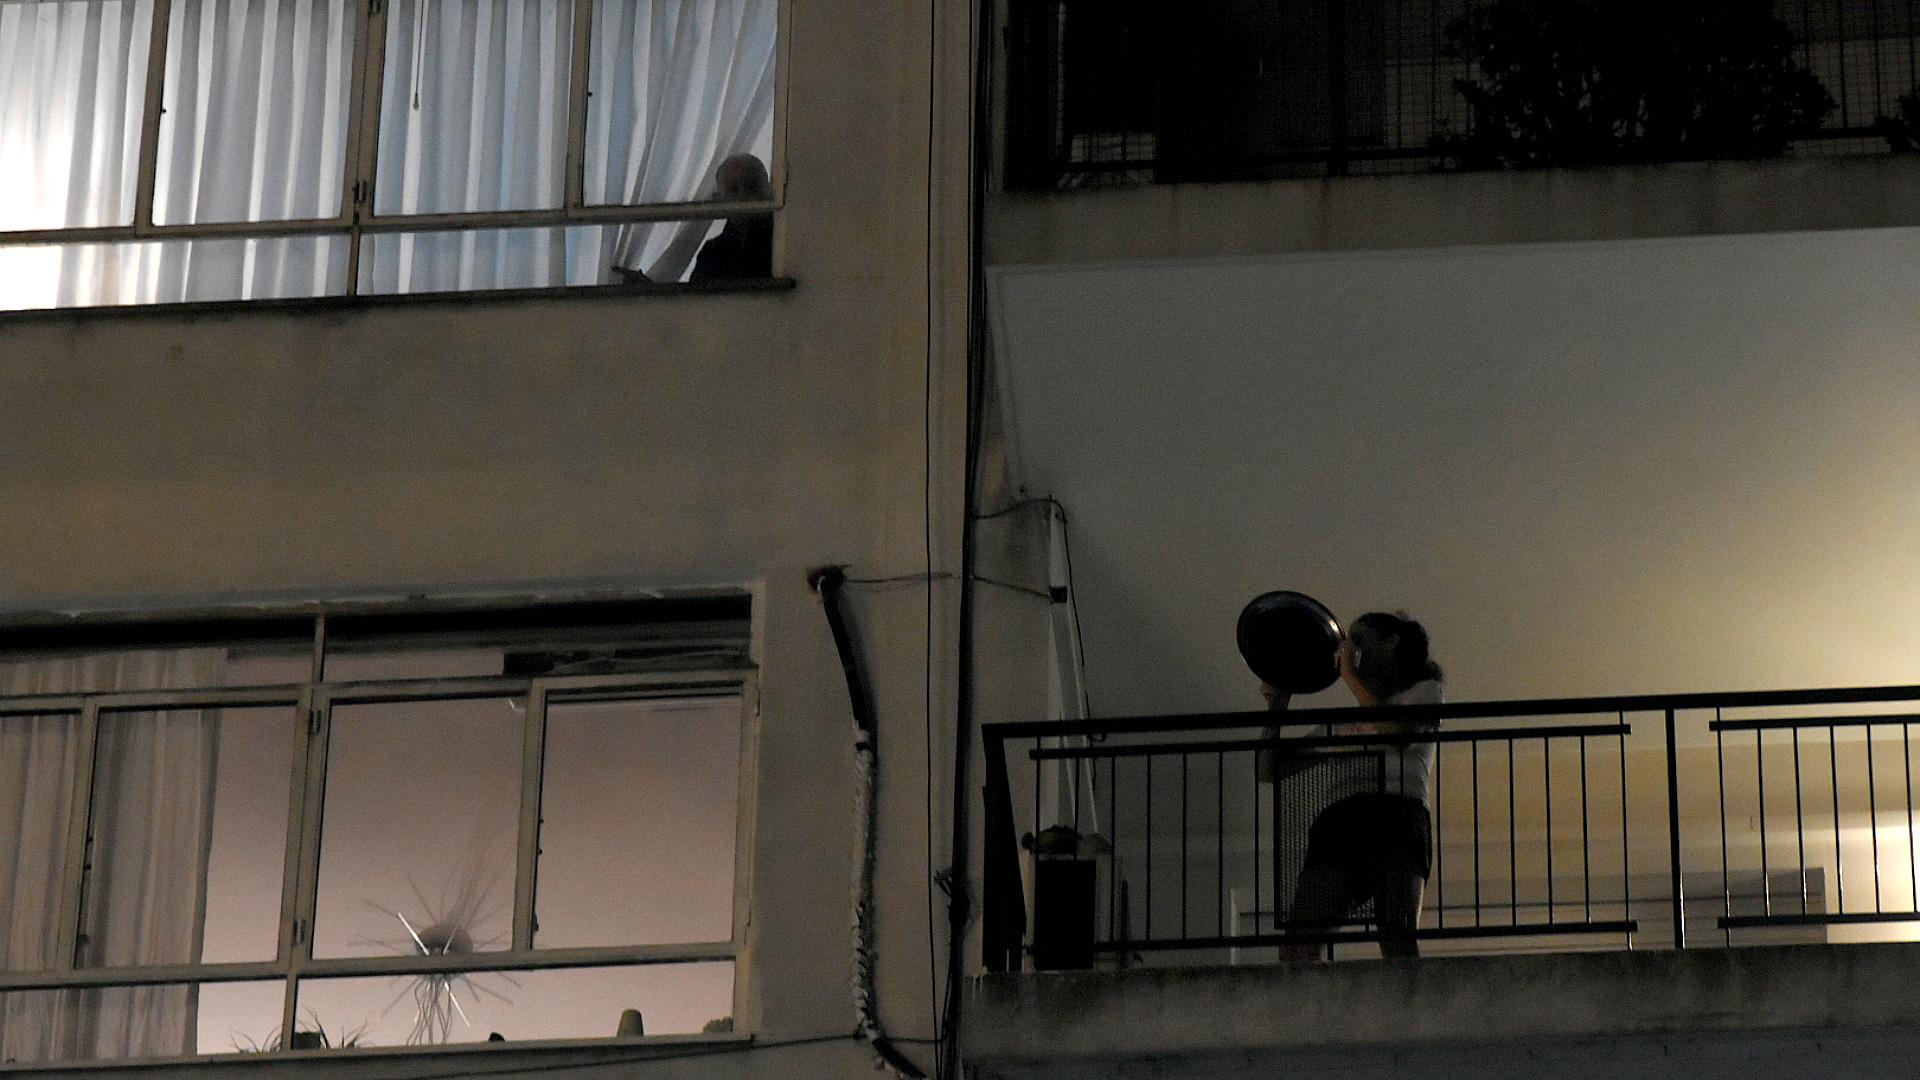 El repudio también se hizo escuchar en defensores de derechos humanos, como la referente de Abuelas de Plaza de Mayo Nora Cortiñas, a raíz del otorgamiento de la prisión domiciliaria a un condenado por crímenes de lesa humanidad.